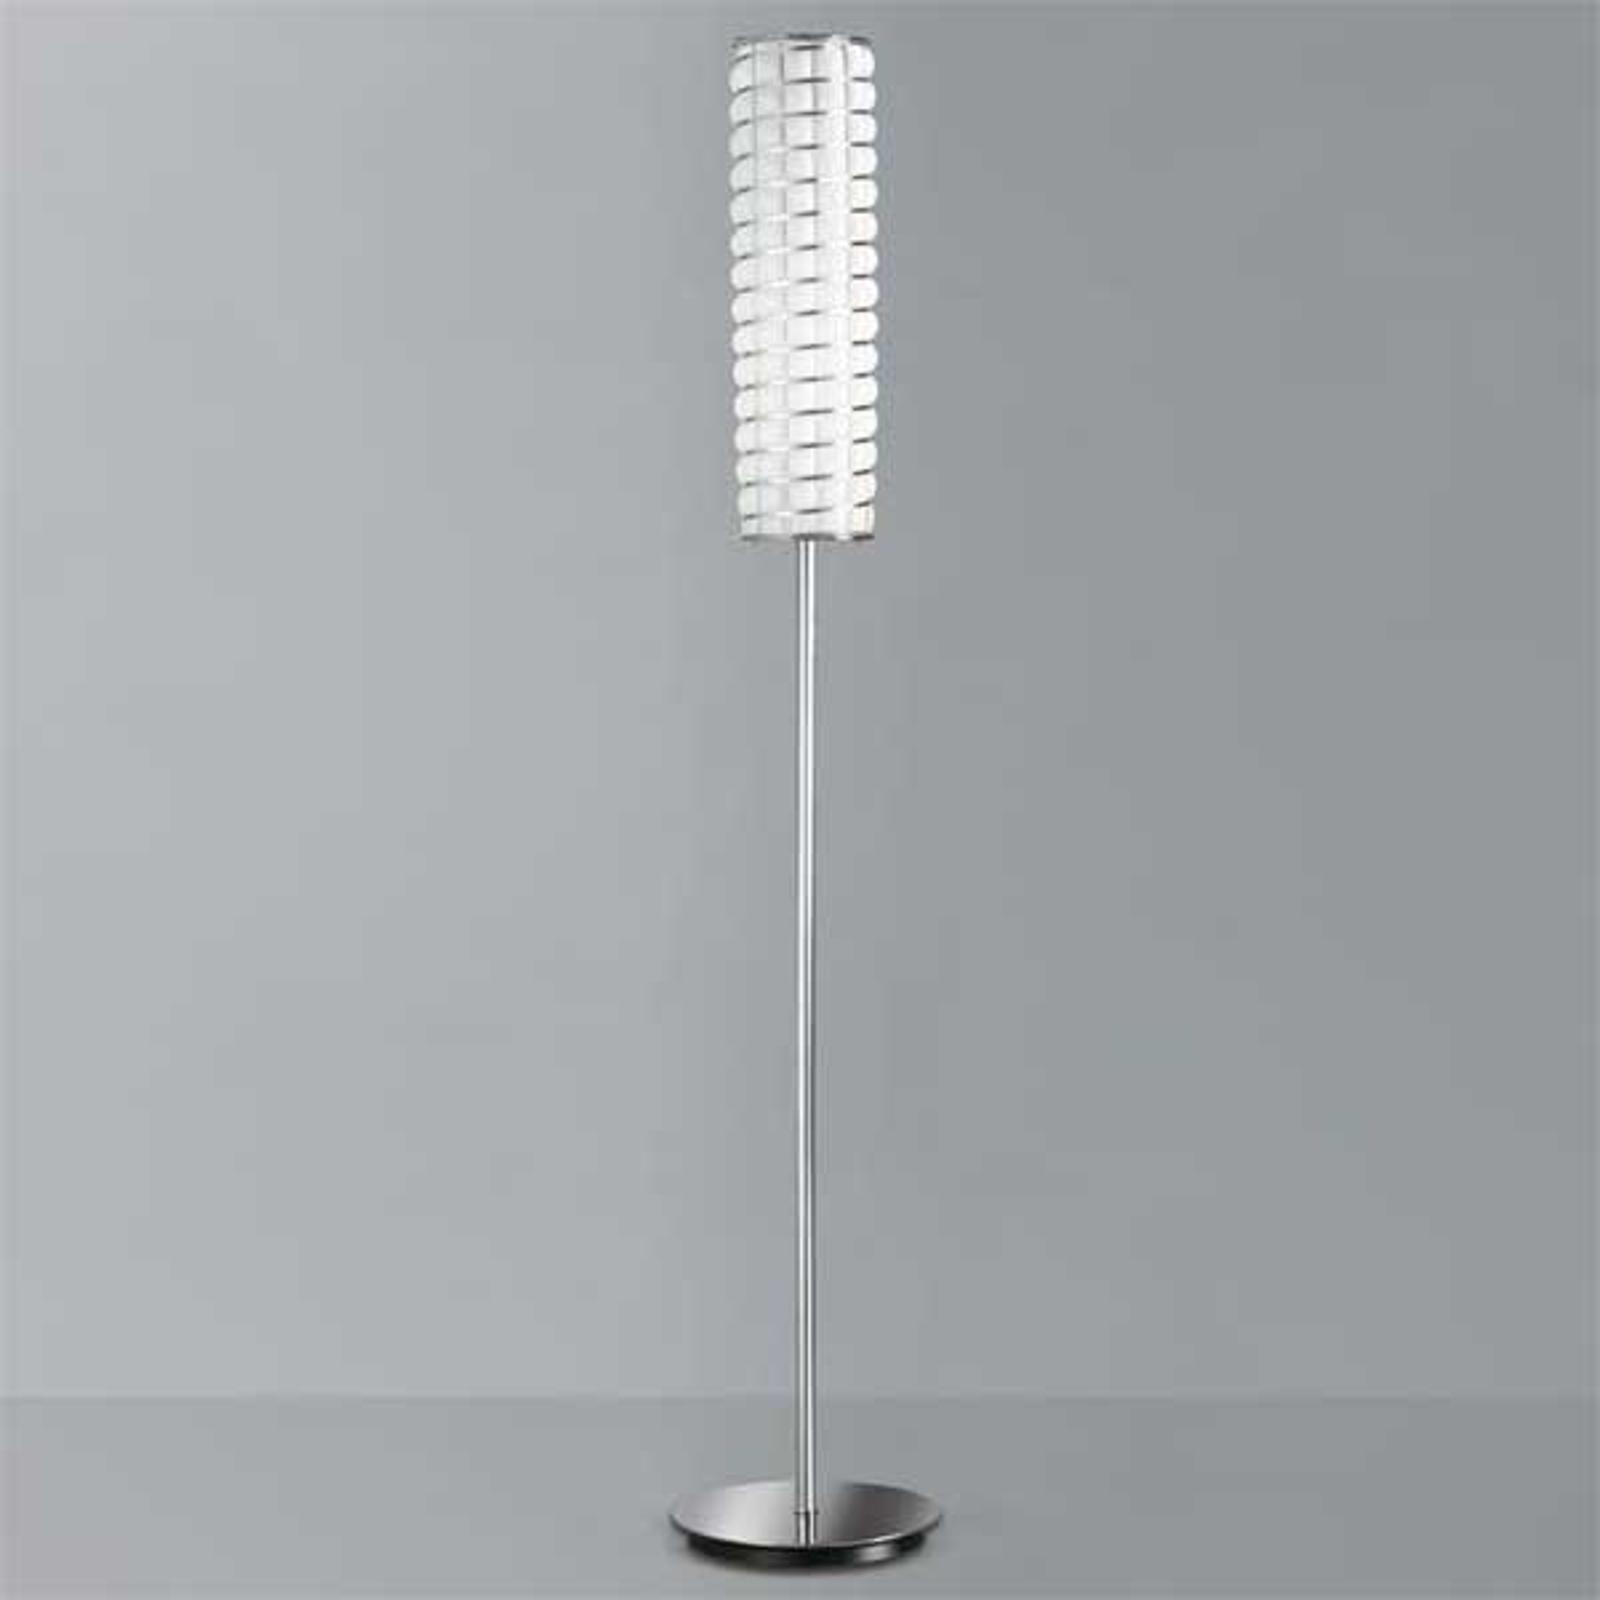 Lampa stojąca RETE w stylu retro 61 cm